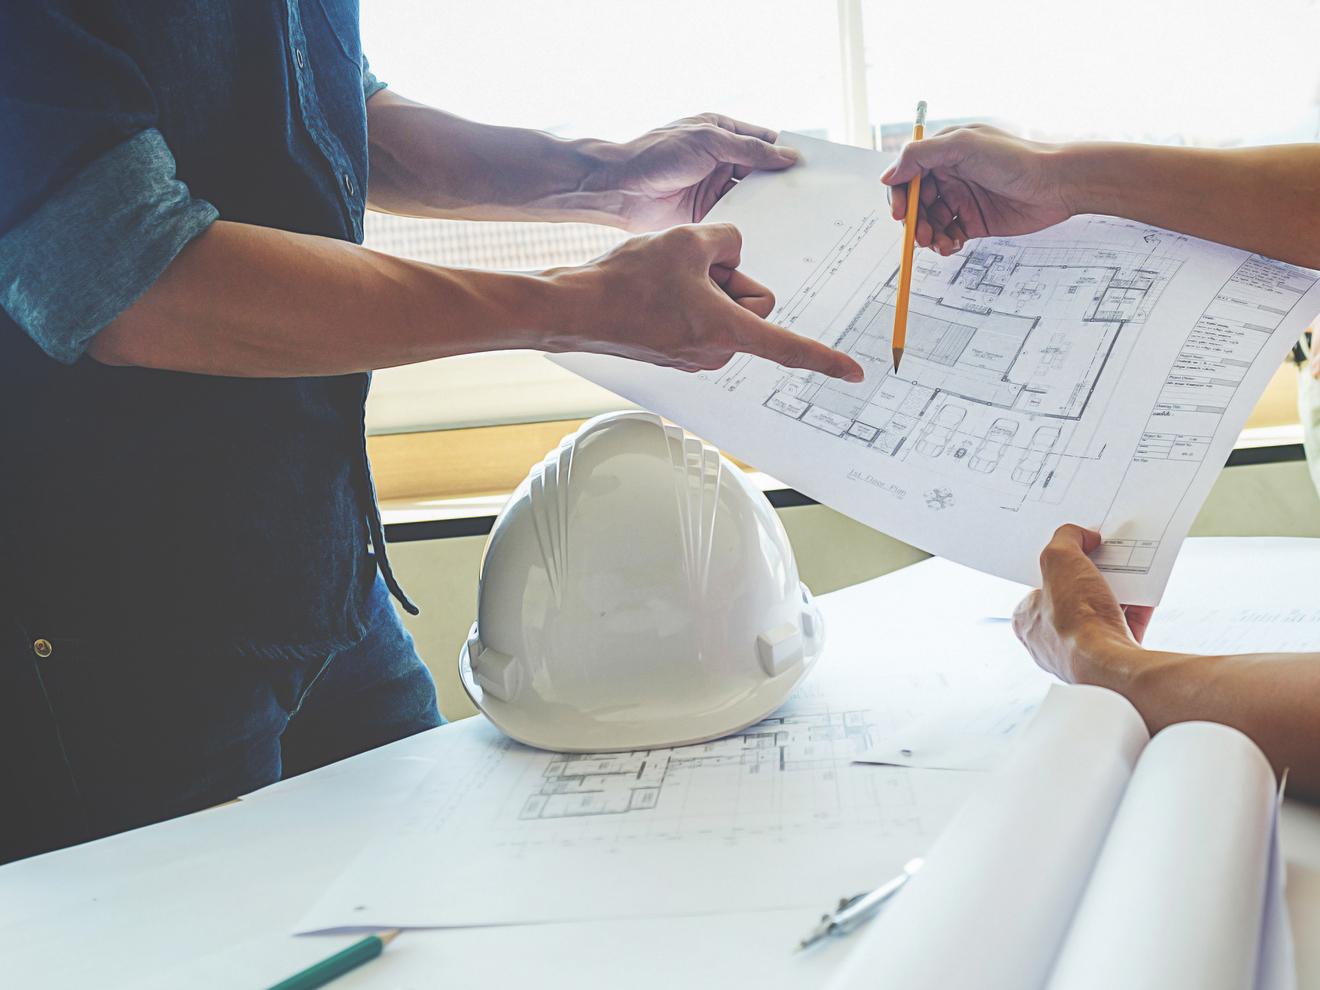 Angebot Bauvertrag Durchblick Im Rechtsdschungel Bauende